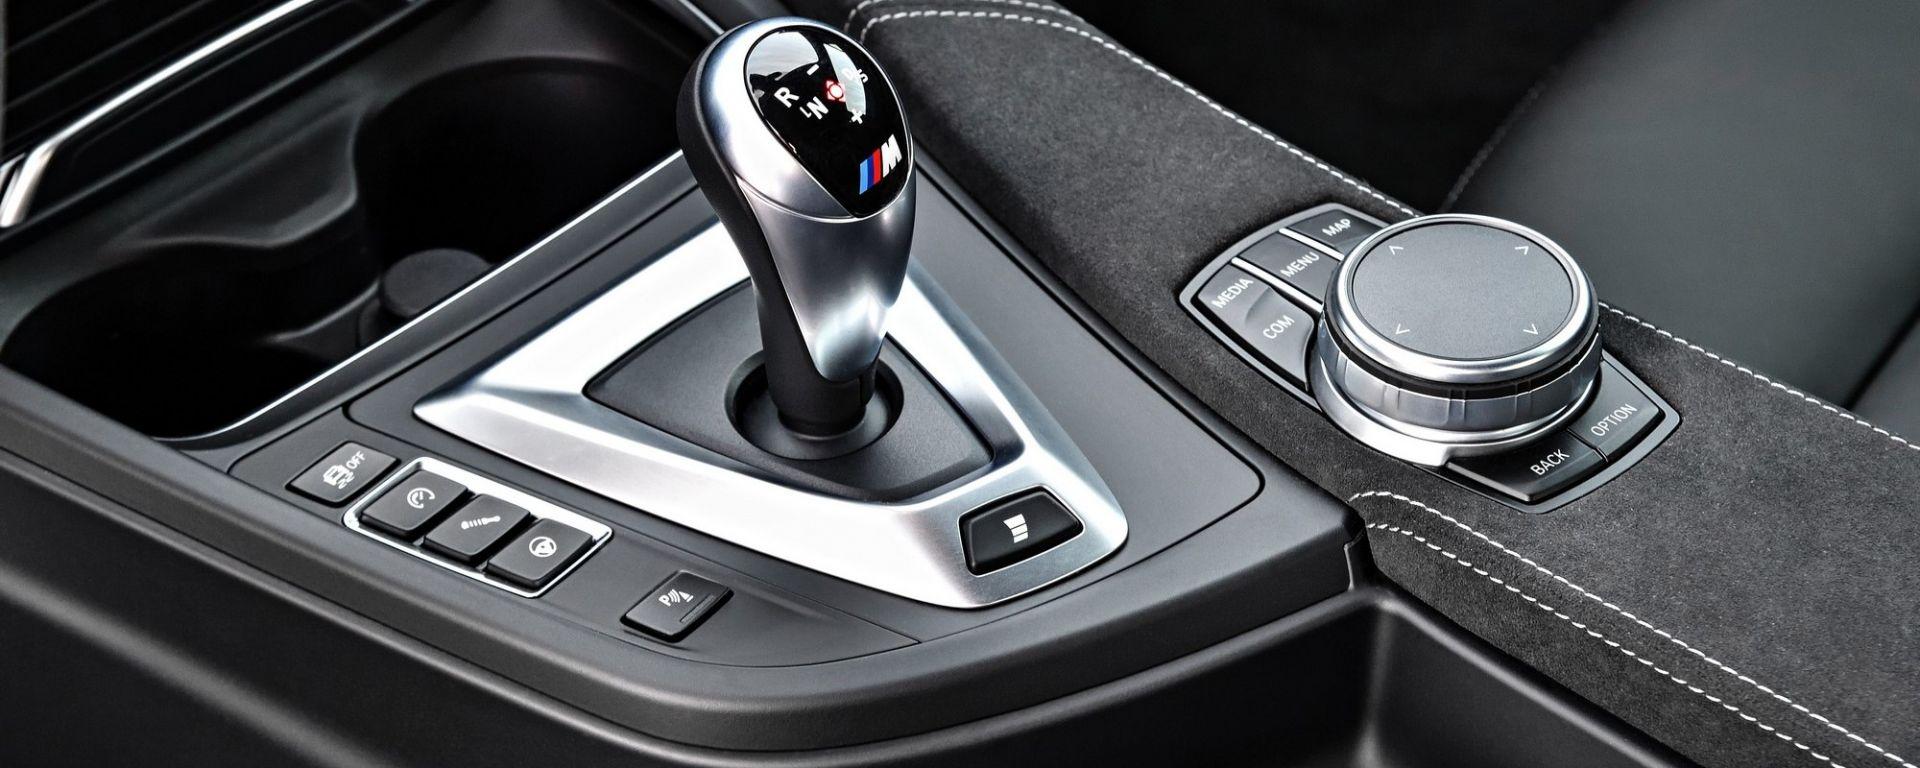 La leva di comando del cambio M DKG della BMW M4 CS